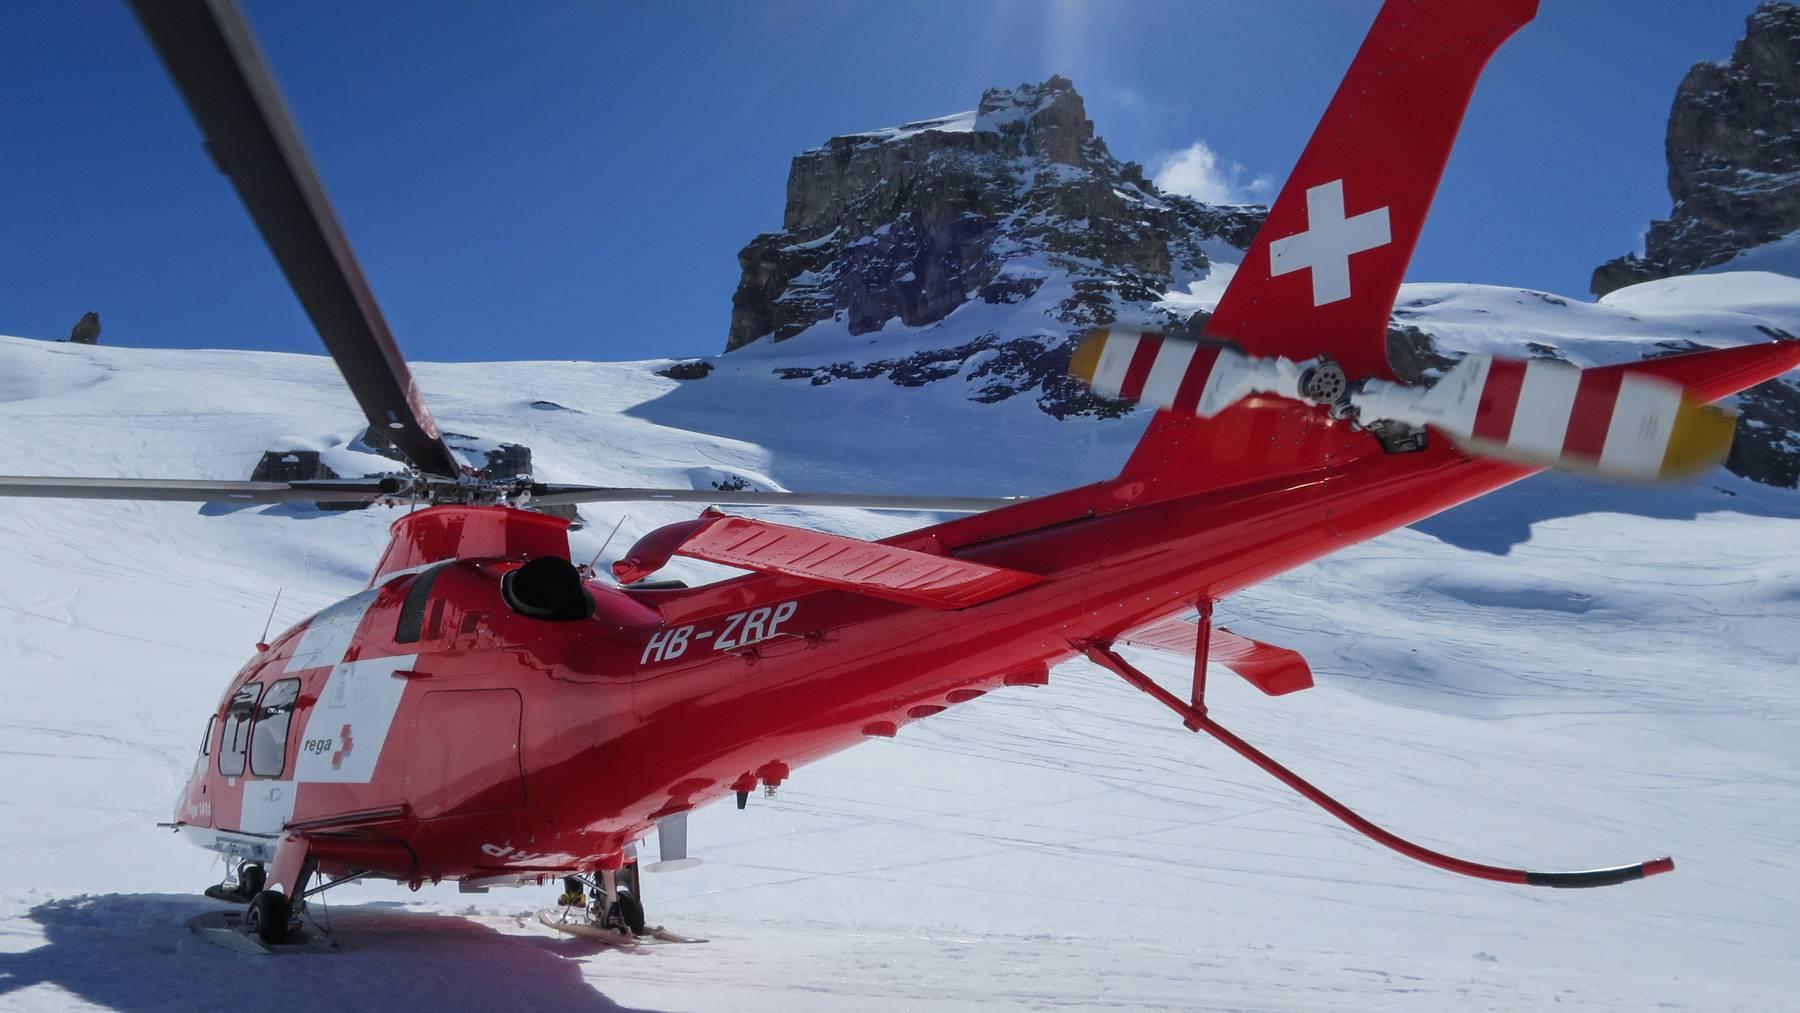 Auf dem «Chlyn Wendenstock» in den Urner Alpen verunfallte am Sonntagvormittag ein Bergsteiger und stürzte über 200 Meter tief.